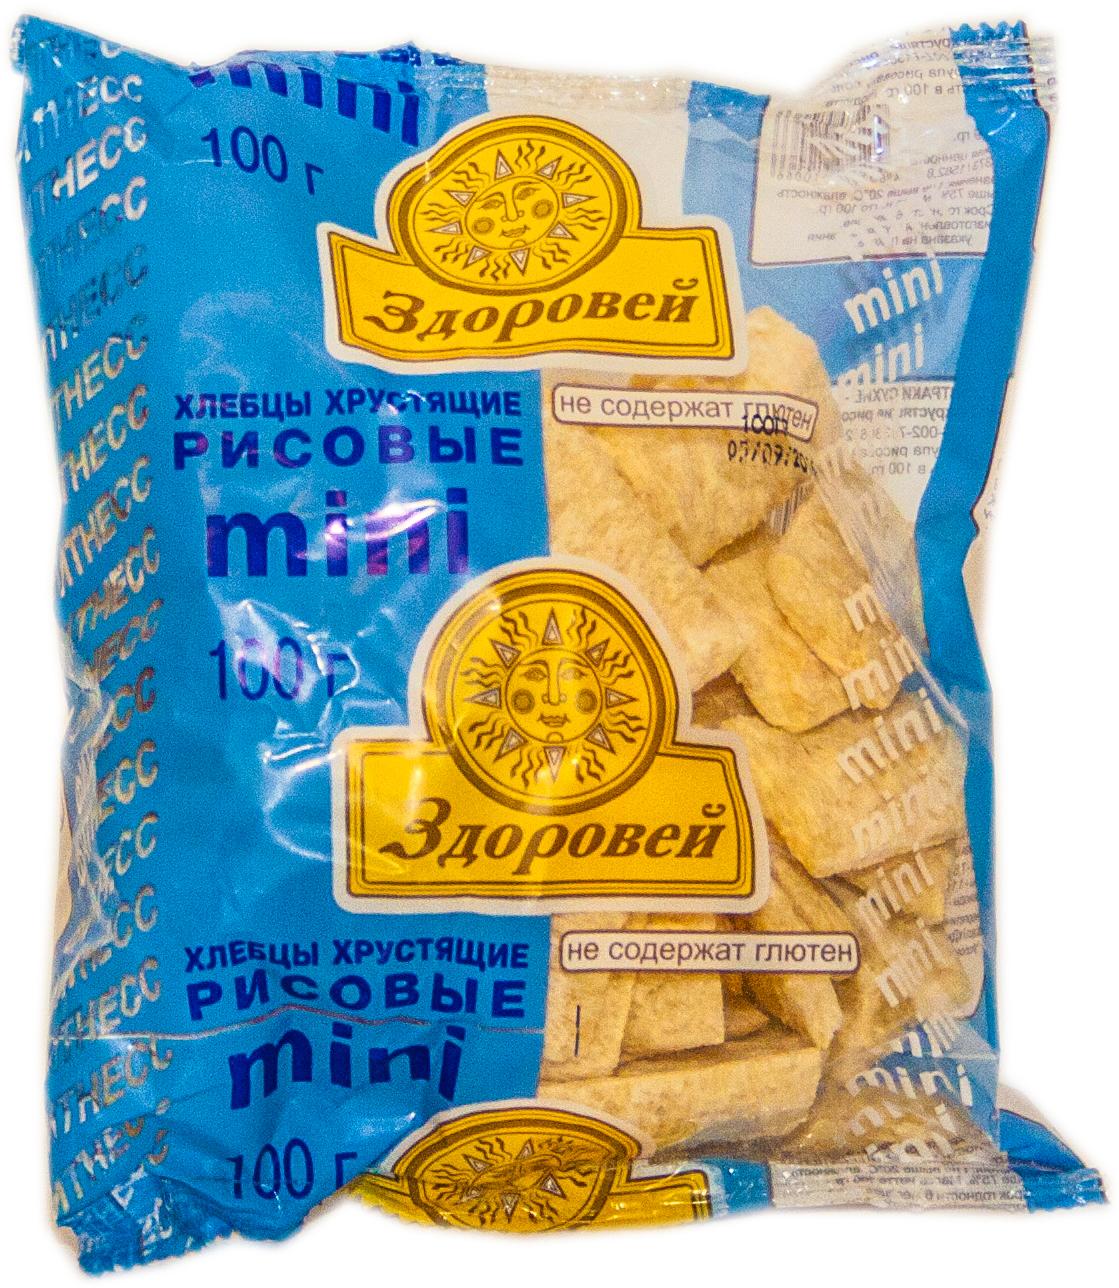 Рисовые мини-хлебцы без глютена торговой марки Здоровей используются вместо хлеба, содержат большое количество ценных витаминов и микроэлементов, требующихся организму, пищевые волокна, способствующие улучшению пищеварения. Безглютеновый продукт от российского производителя компании Первый комбинат детского и диетического питания в Санкт-Петербурге предназначен для людей, соблюдающих безглютеновую диету, в том числе больным целиакией и людей, склонных к аллергии на глютен.